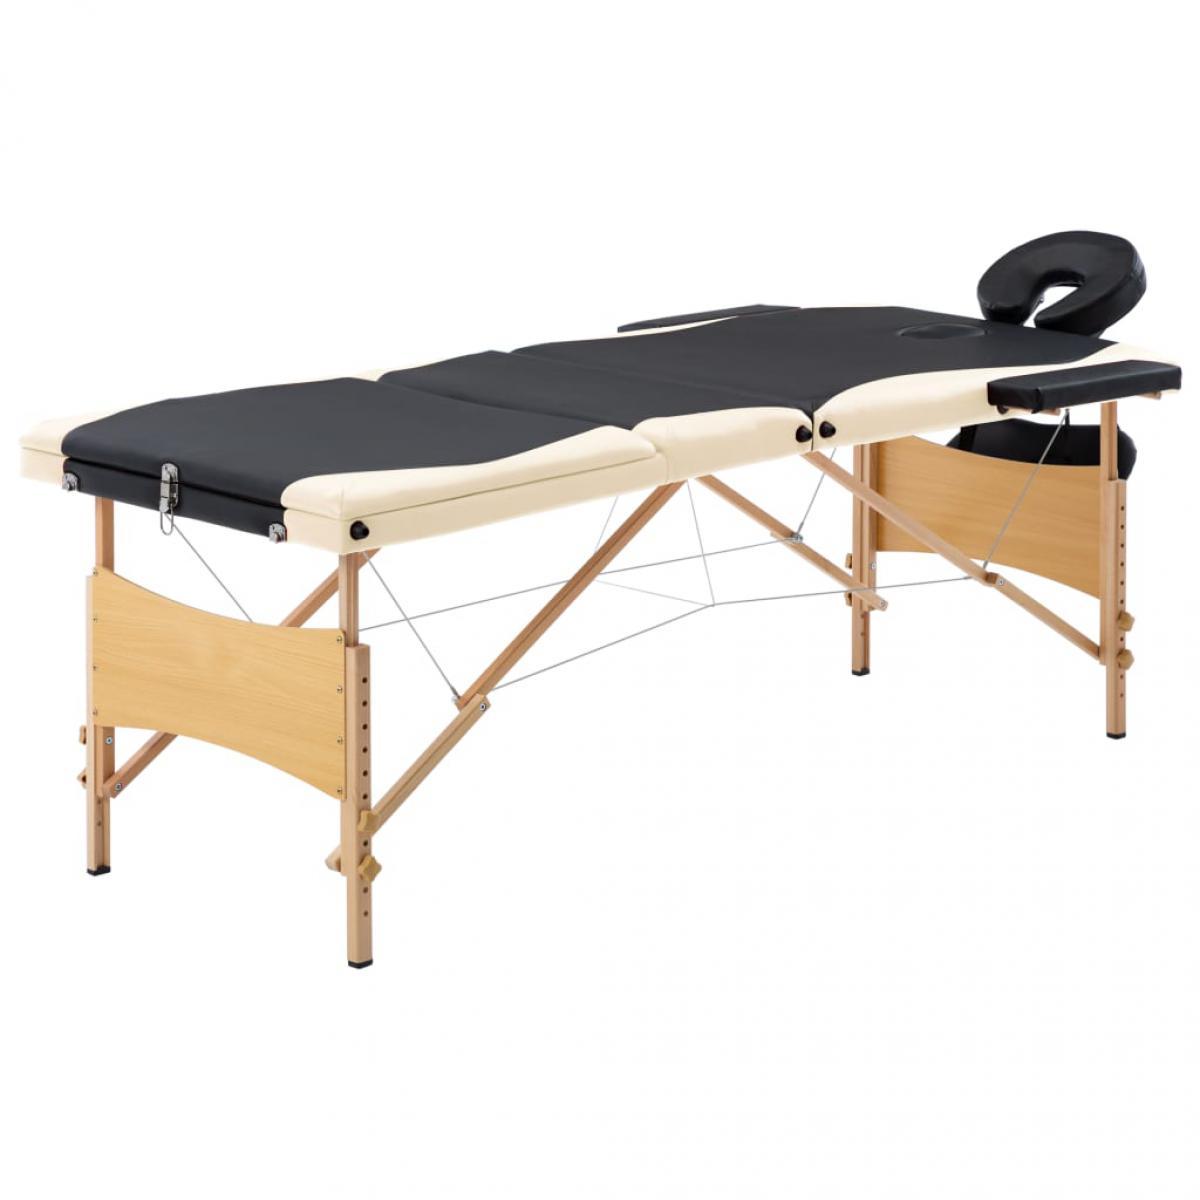 Vidaxl vidaXL Table de massage pliable 3 zones Bois Noir et beige